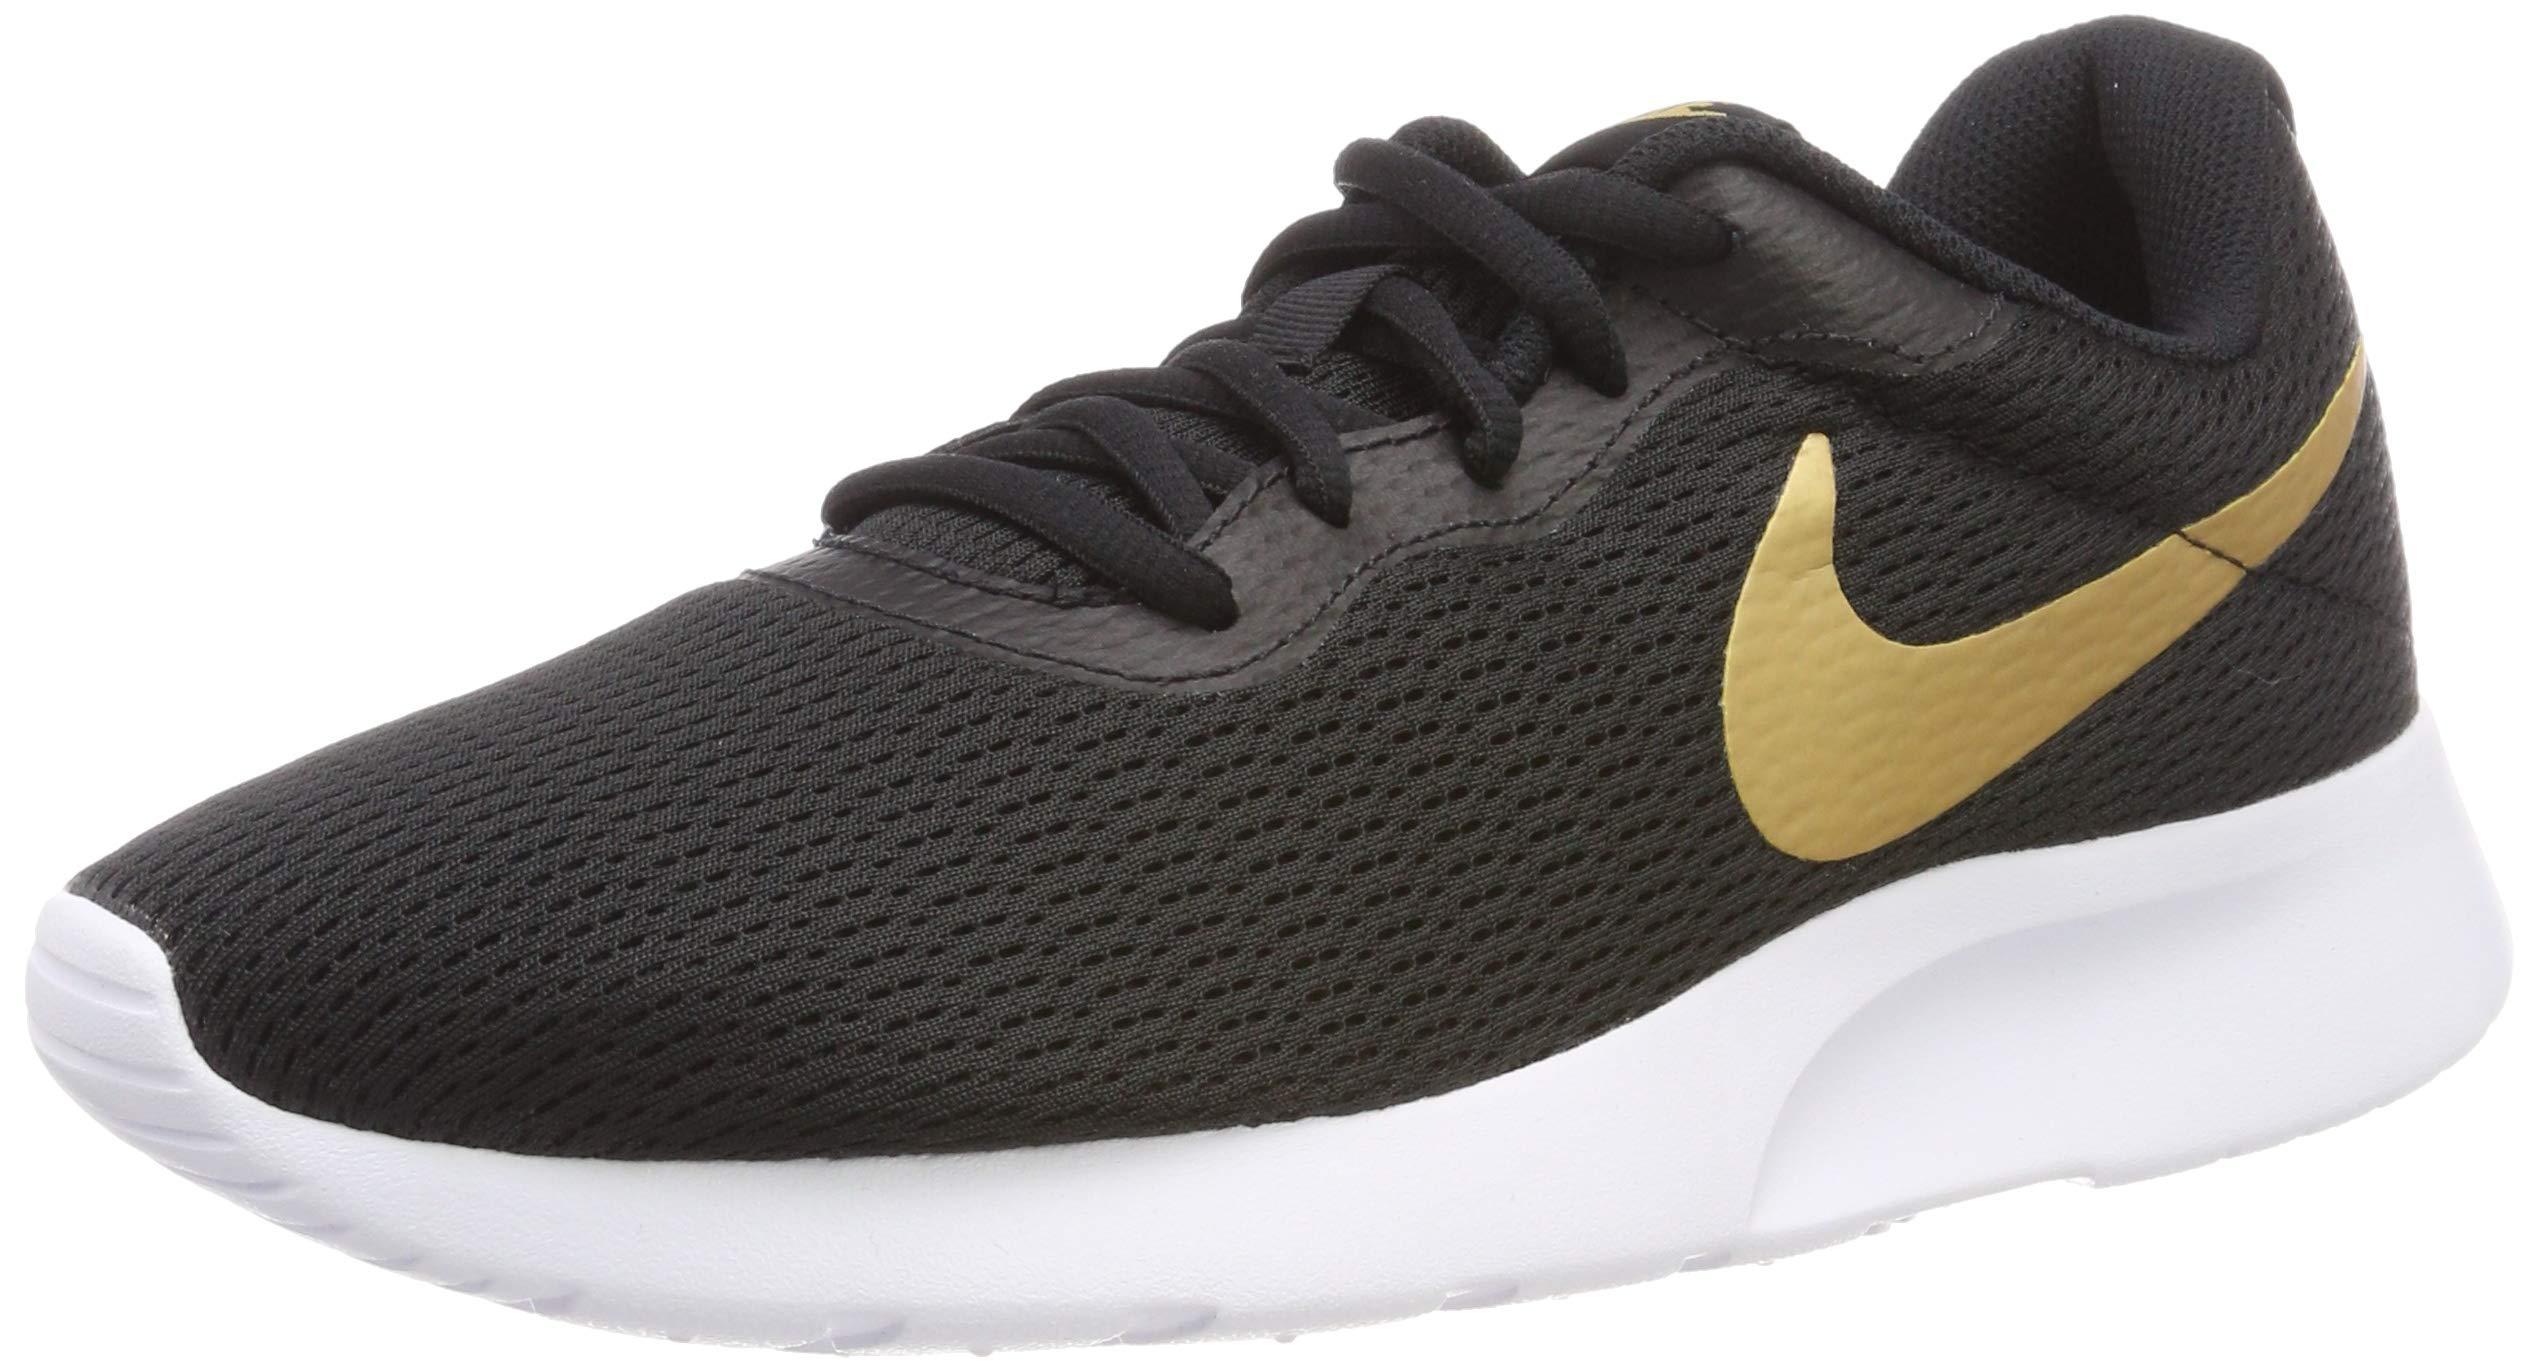 Nike Men's Tanjun, Black/Metallic Gold-White (7 M US, Black/Metallic Gold-White)